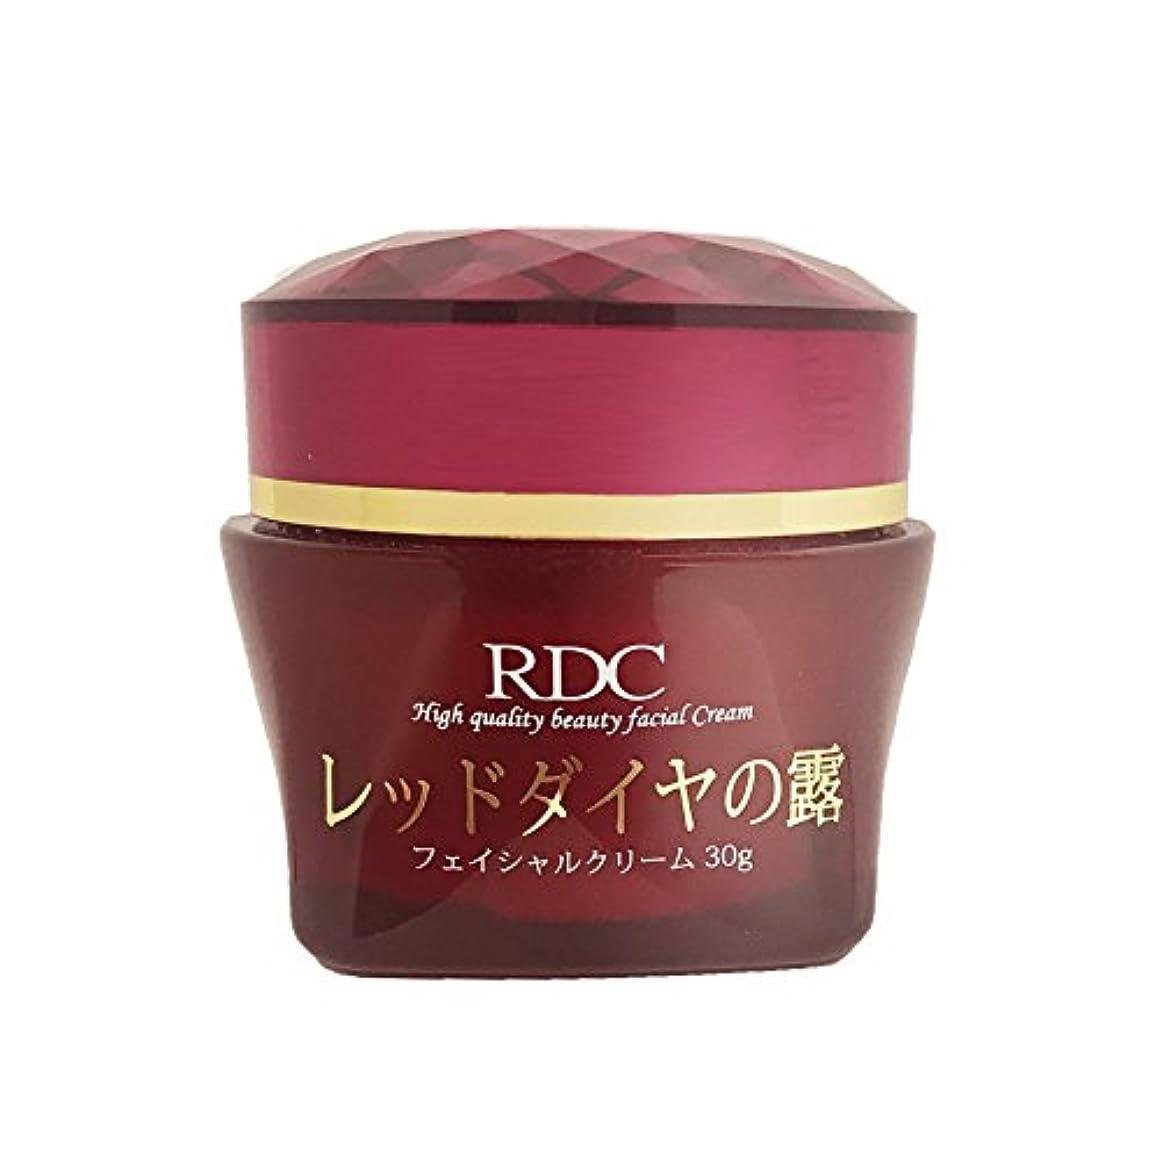 埋めるダッシュ暗いレッドダイヤの露 フェイシャルクリーム 保湿乳液 日本製